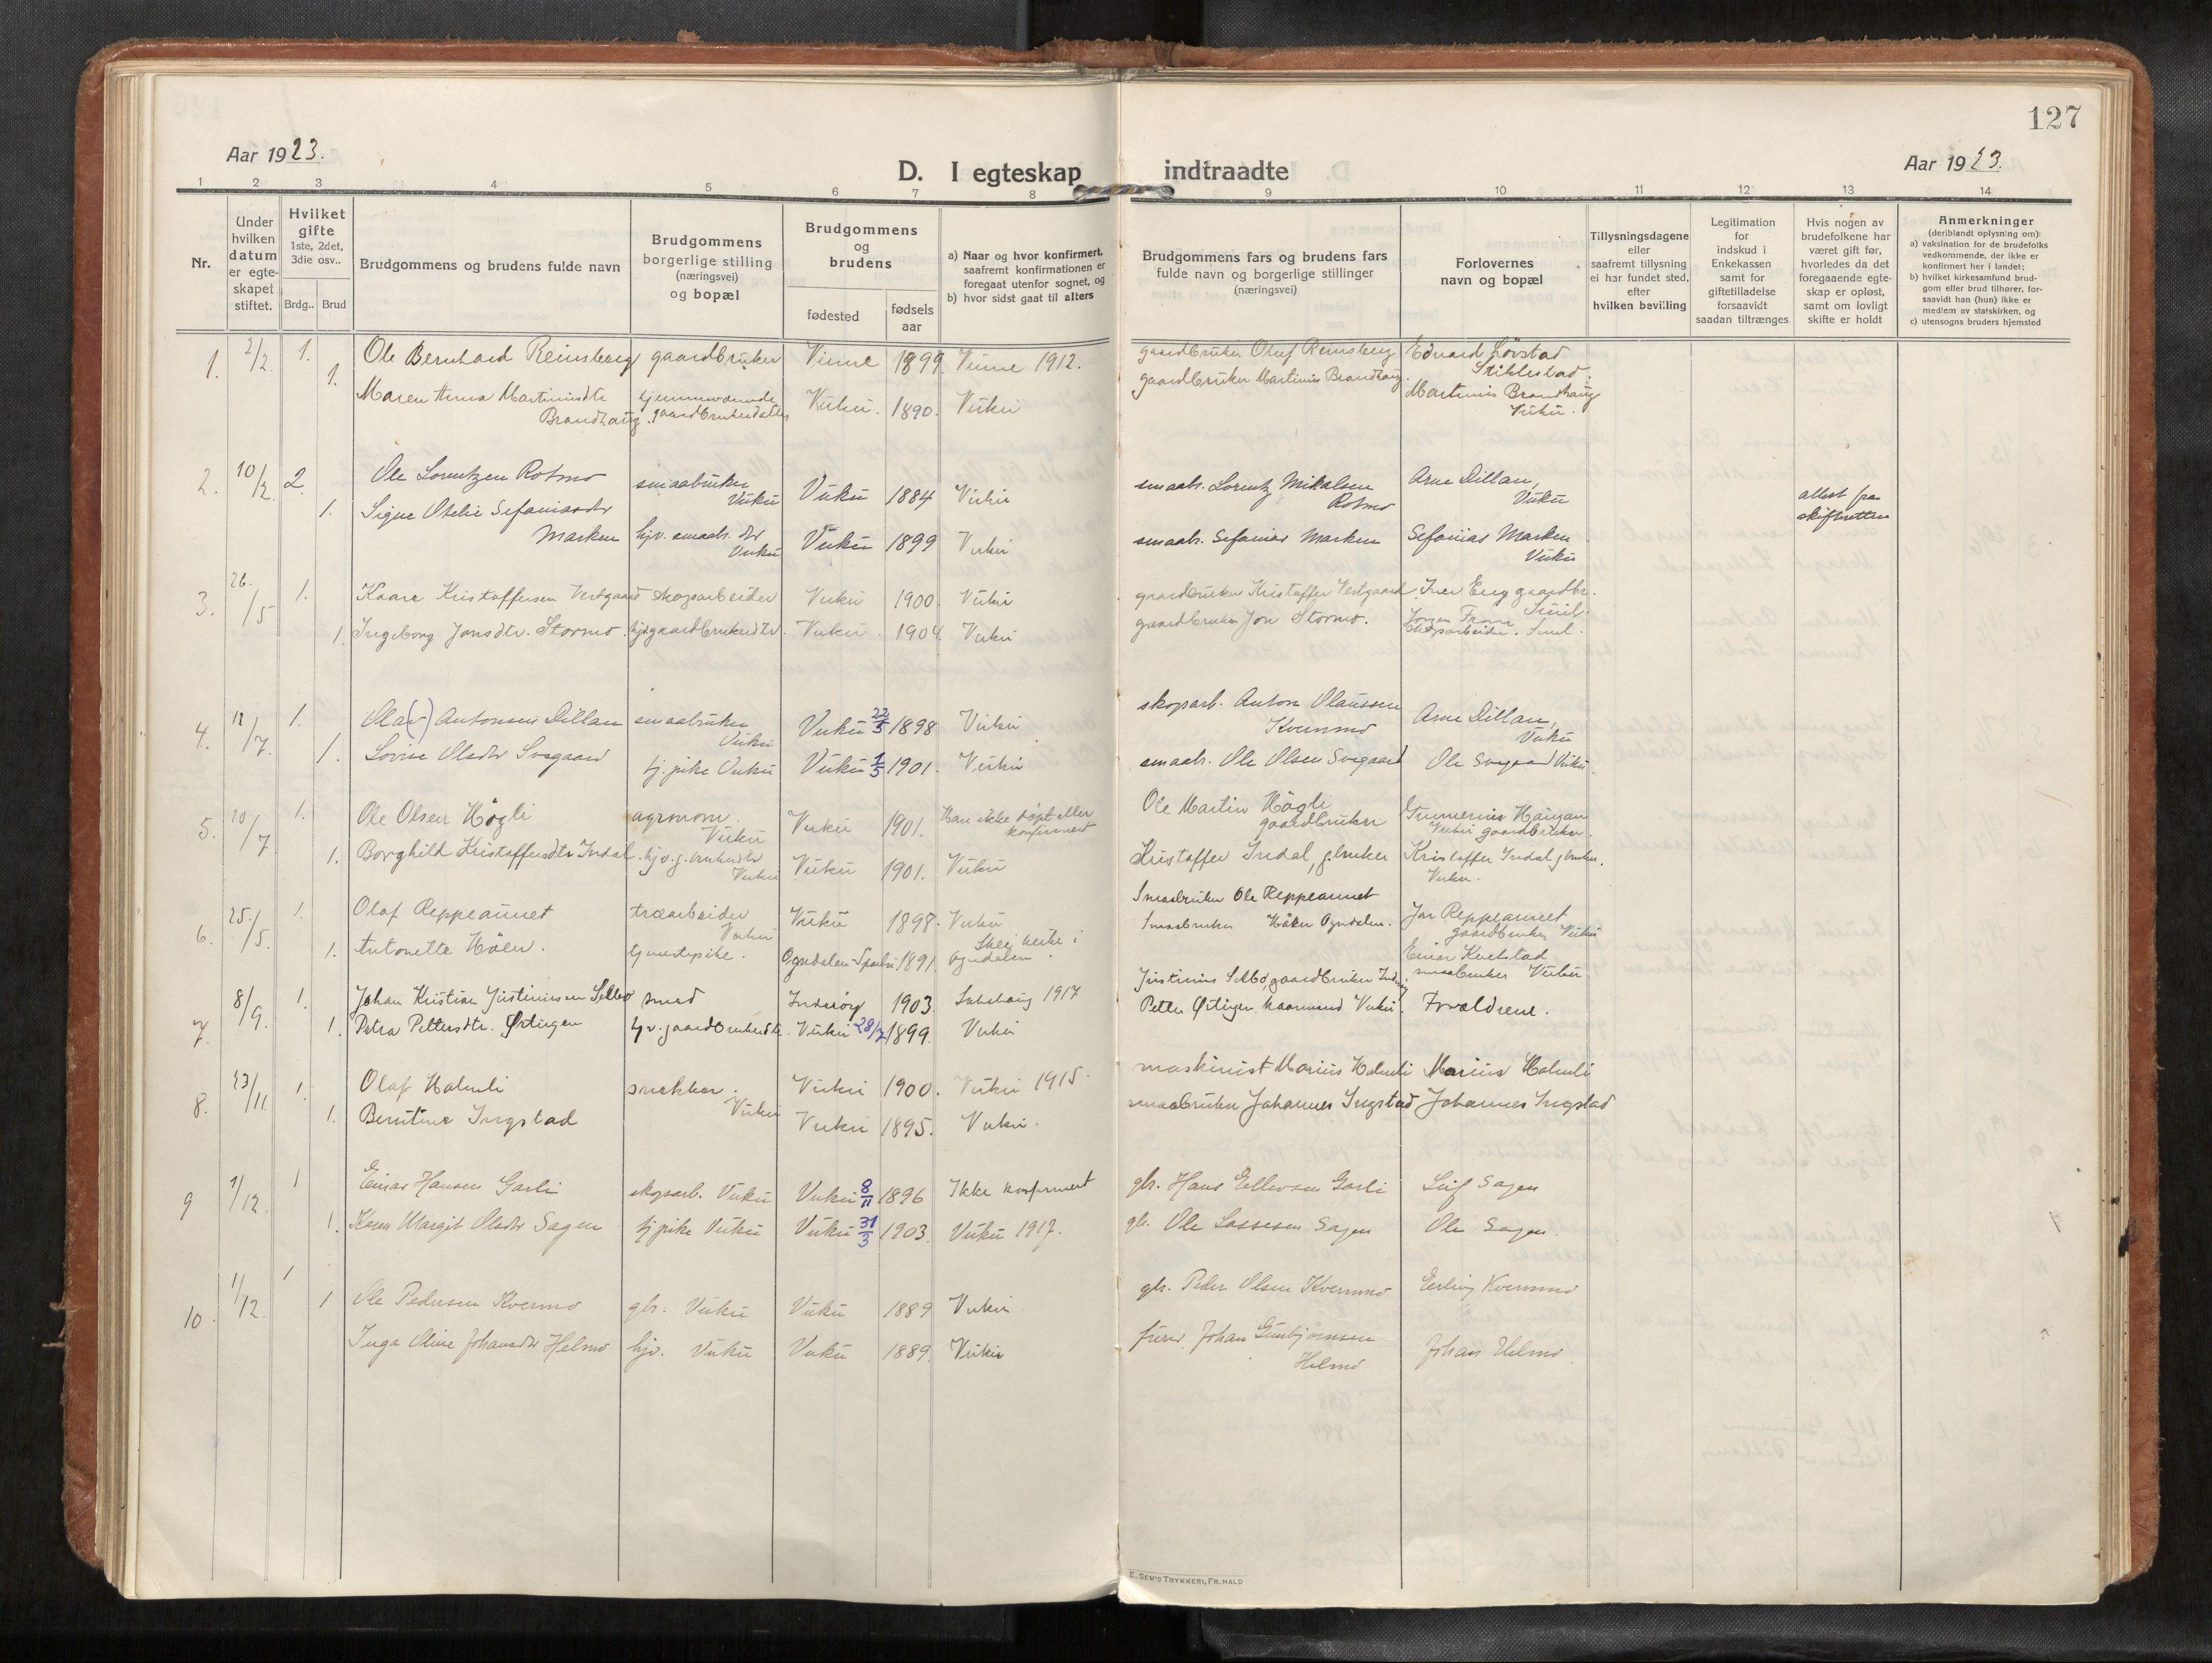 SAT, Verdal sokneprestkontor*, Parish register (official) no. 1, 1916-1928, p. 127